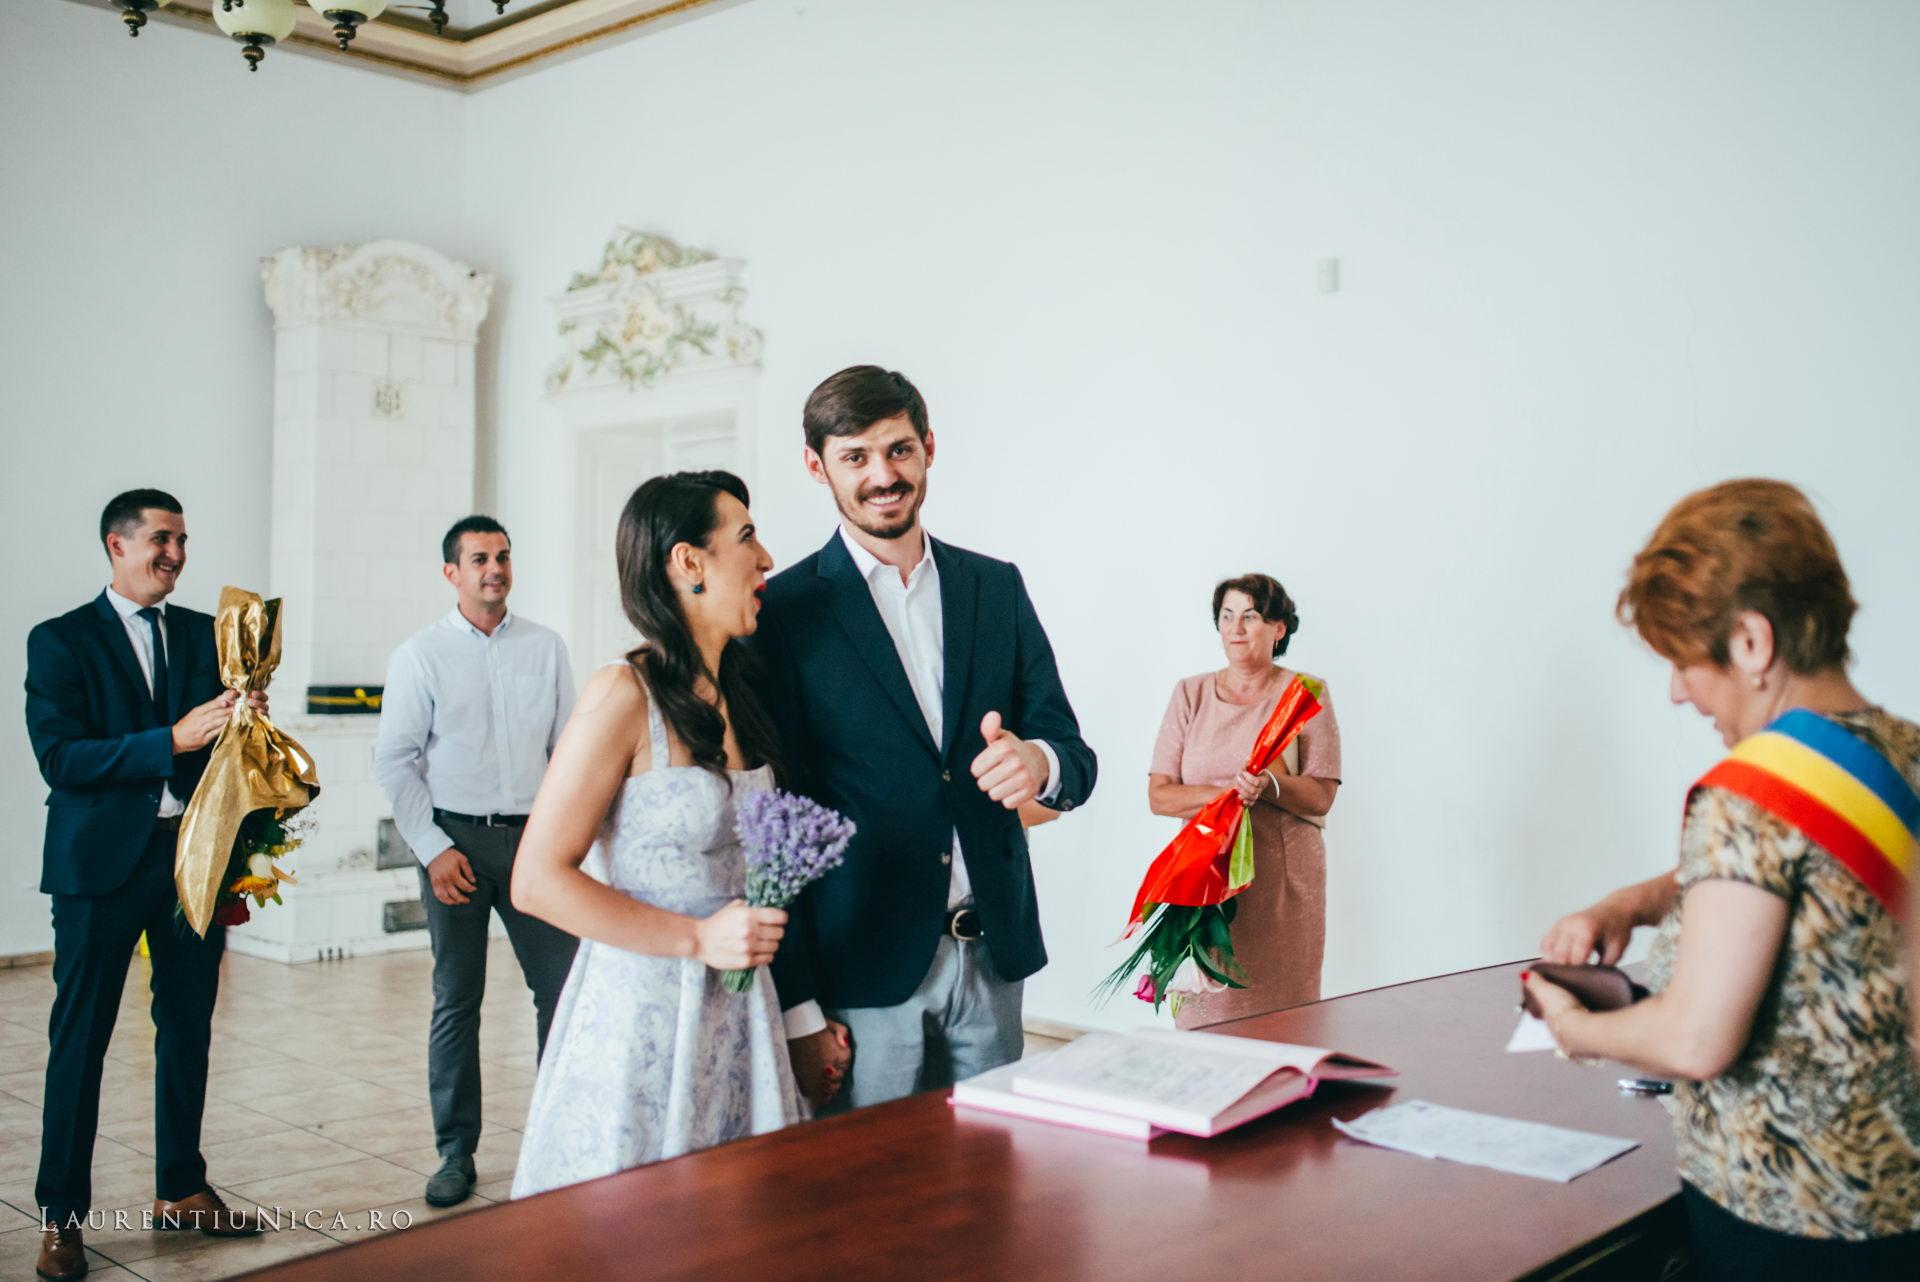 Cristina si Ovidiu nunta Craiova fotograf laurentiu nica 005 - Cristina & Ovidiu | Fotografii nunta | Craiova